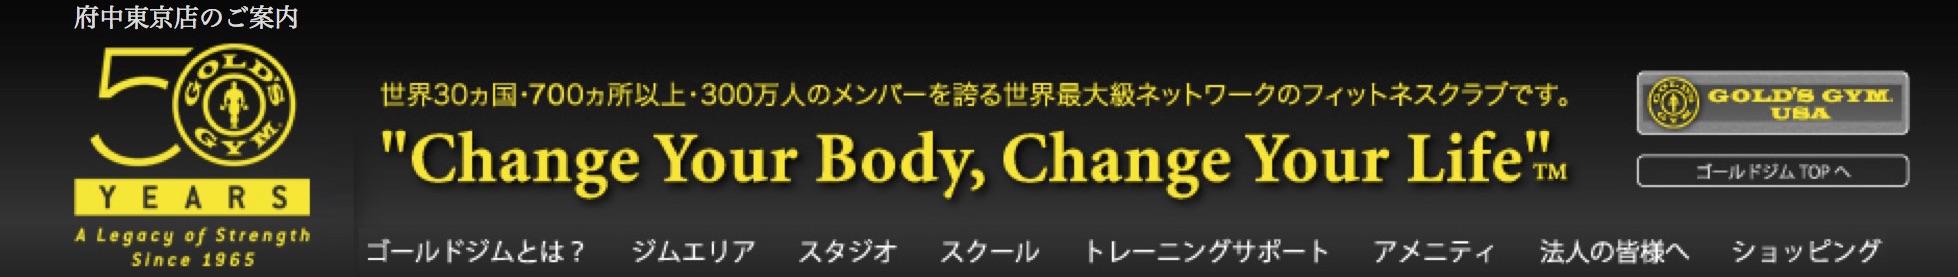 フィットネスクラブ・スポーツクラブ【ゴールドジム】 |府中東京店 のコピー